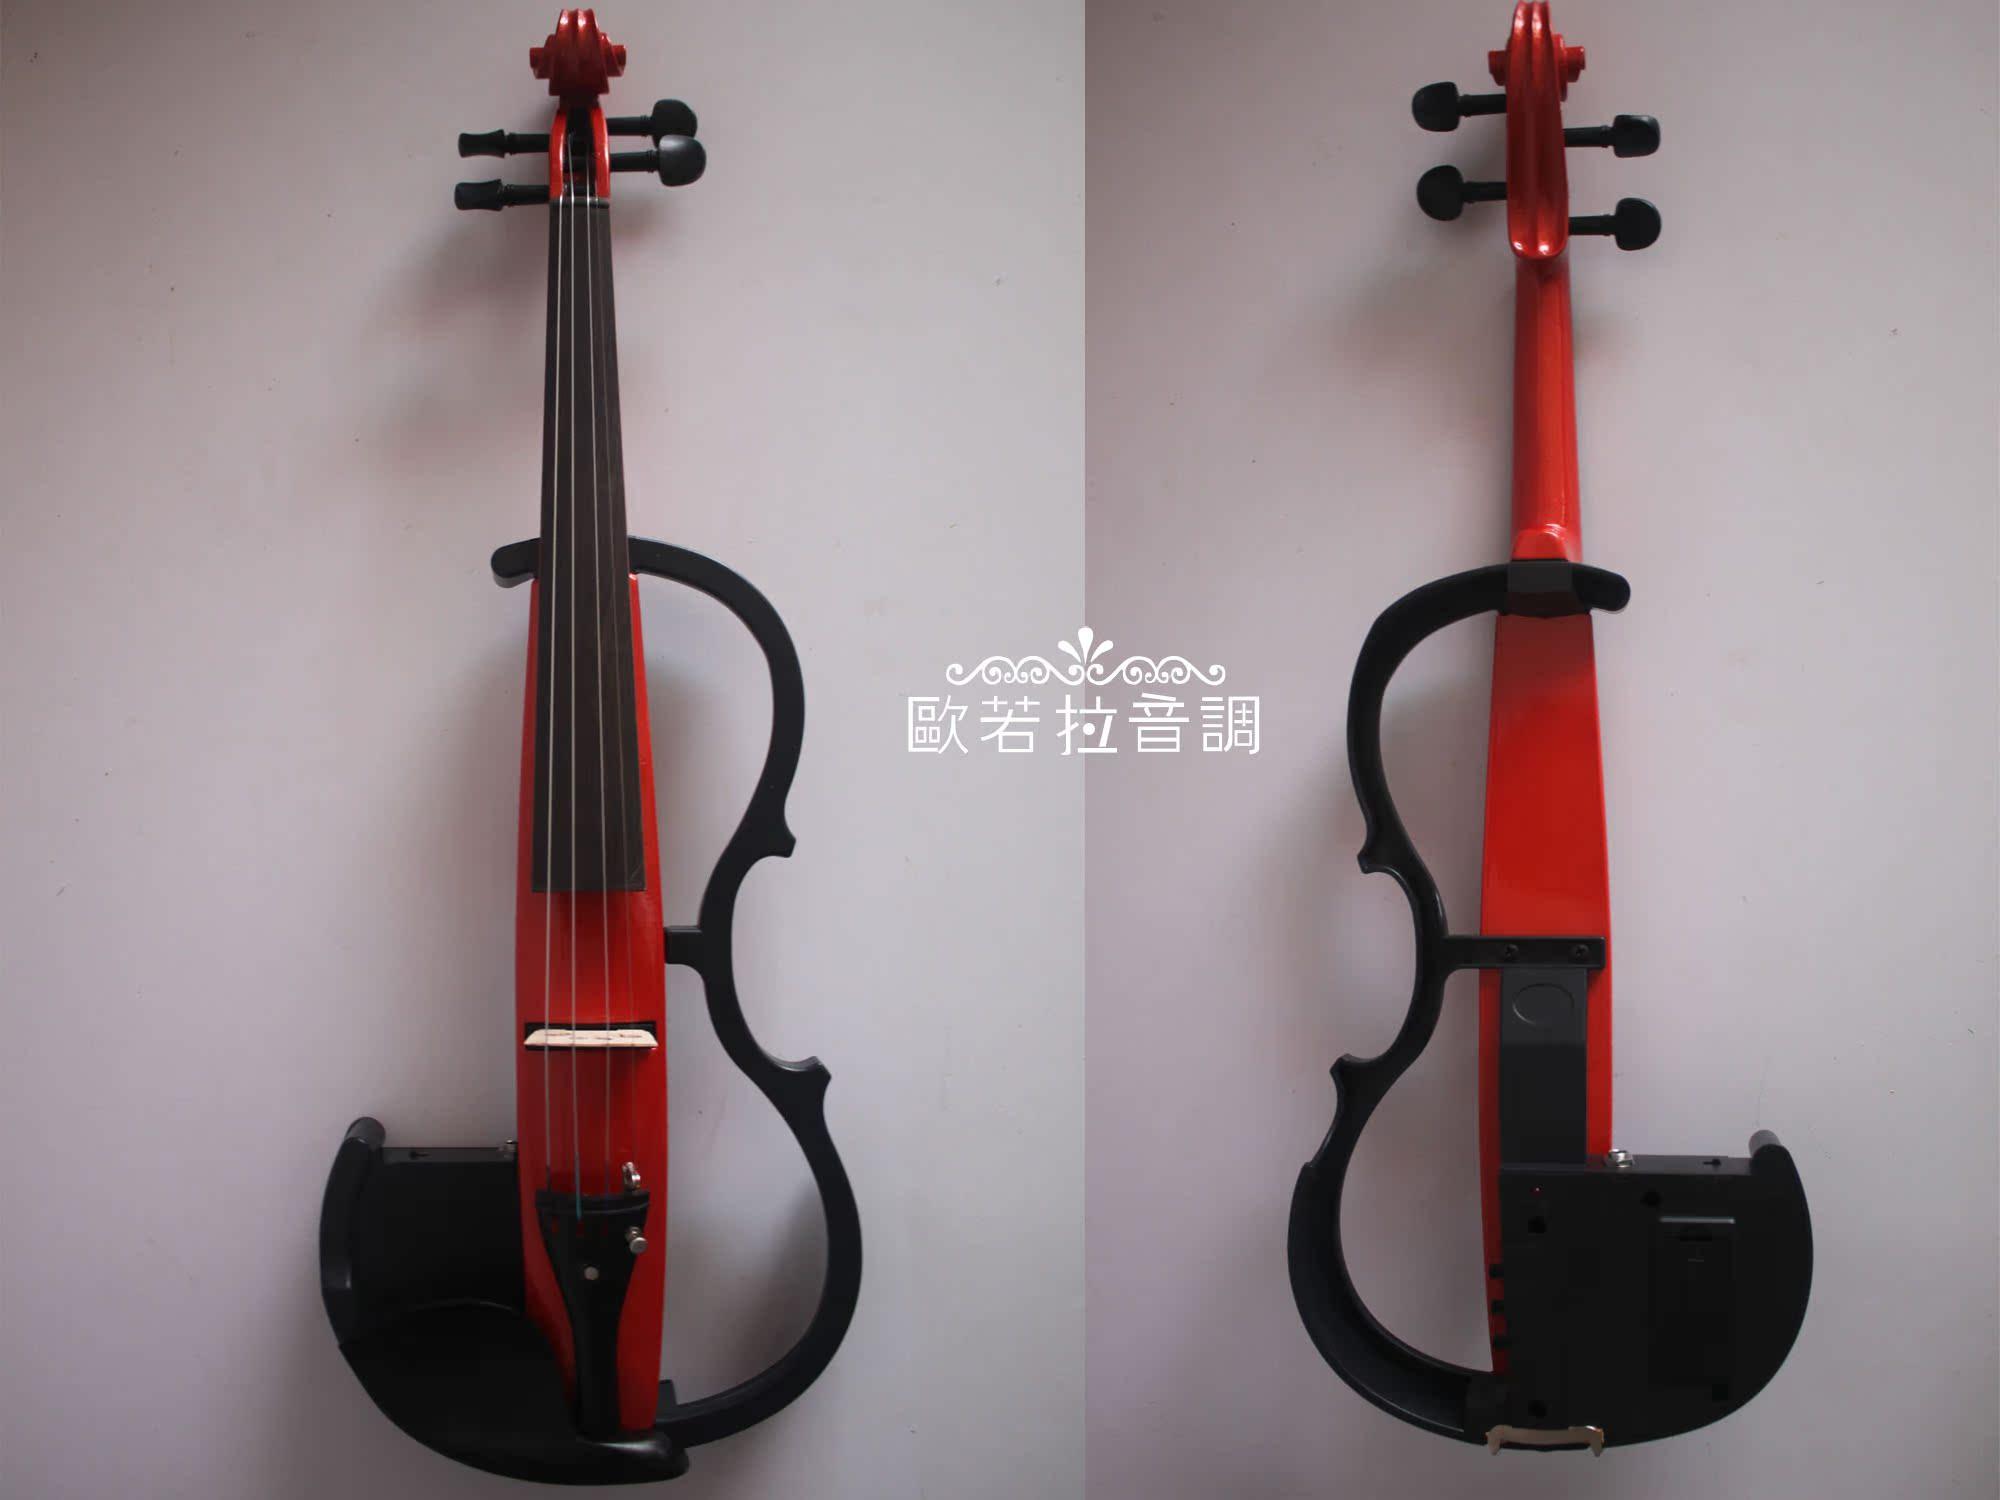 电小提琴价格_电声小提琴外形样式图分享展示